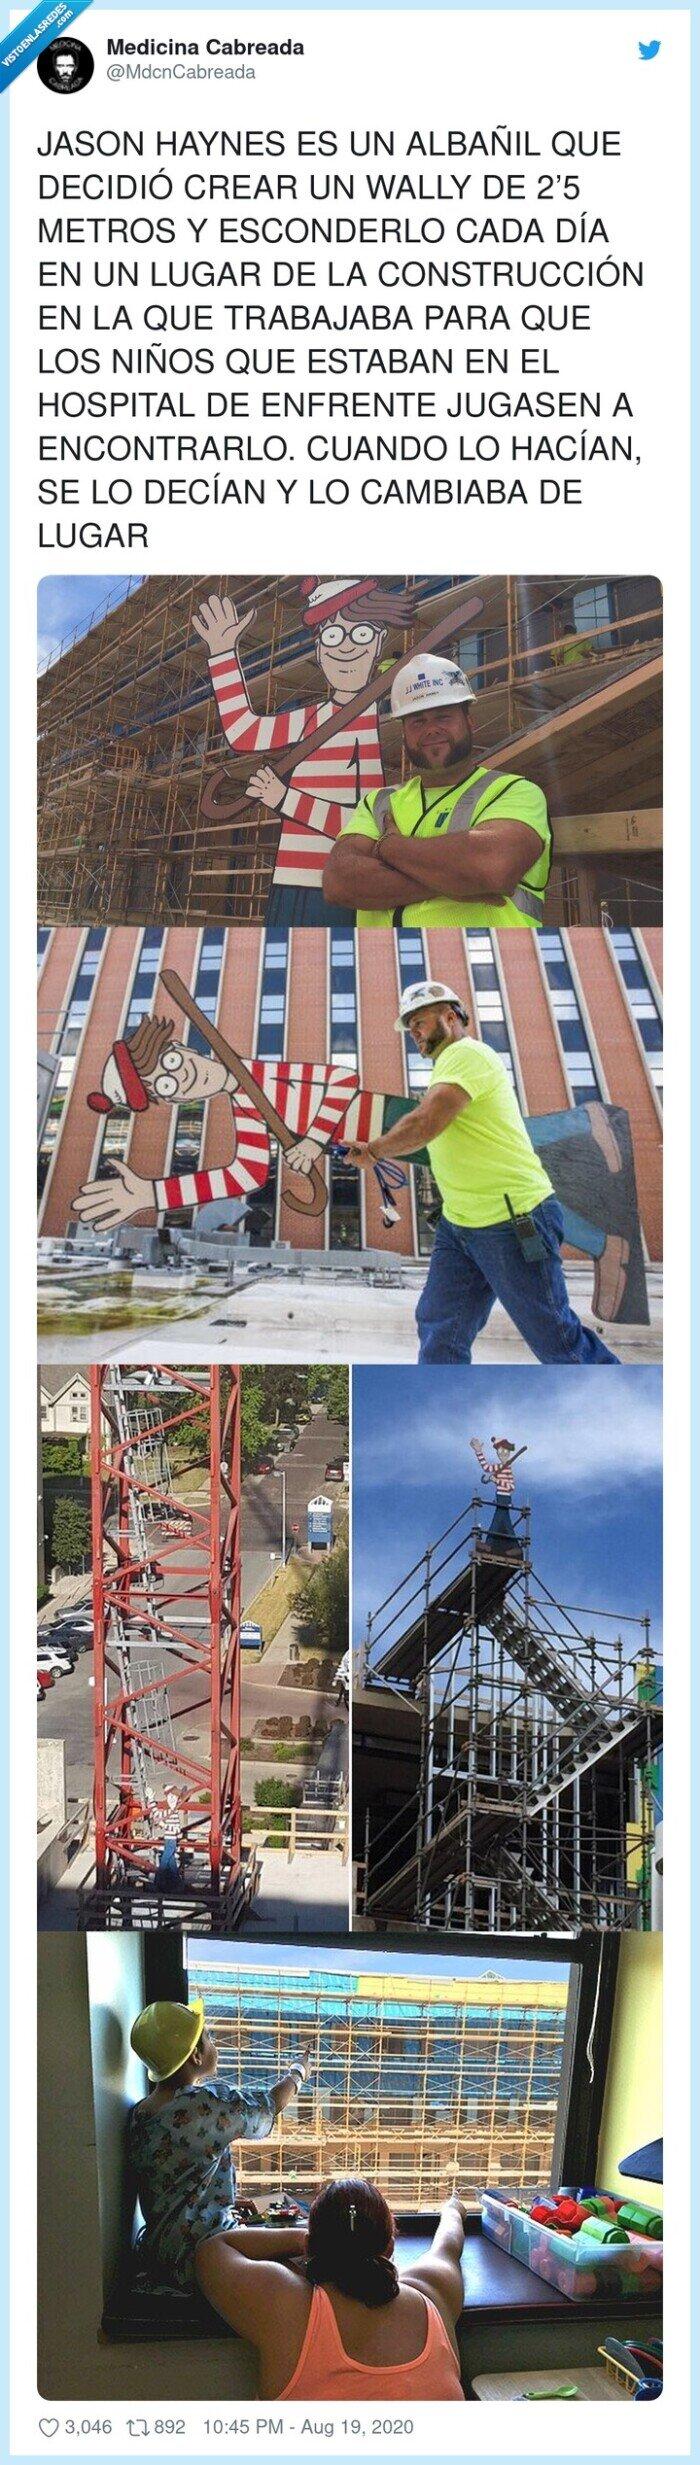 albañil,construcción,eesconder,hospital,niños,wally